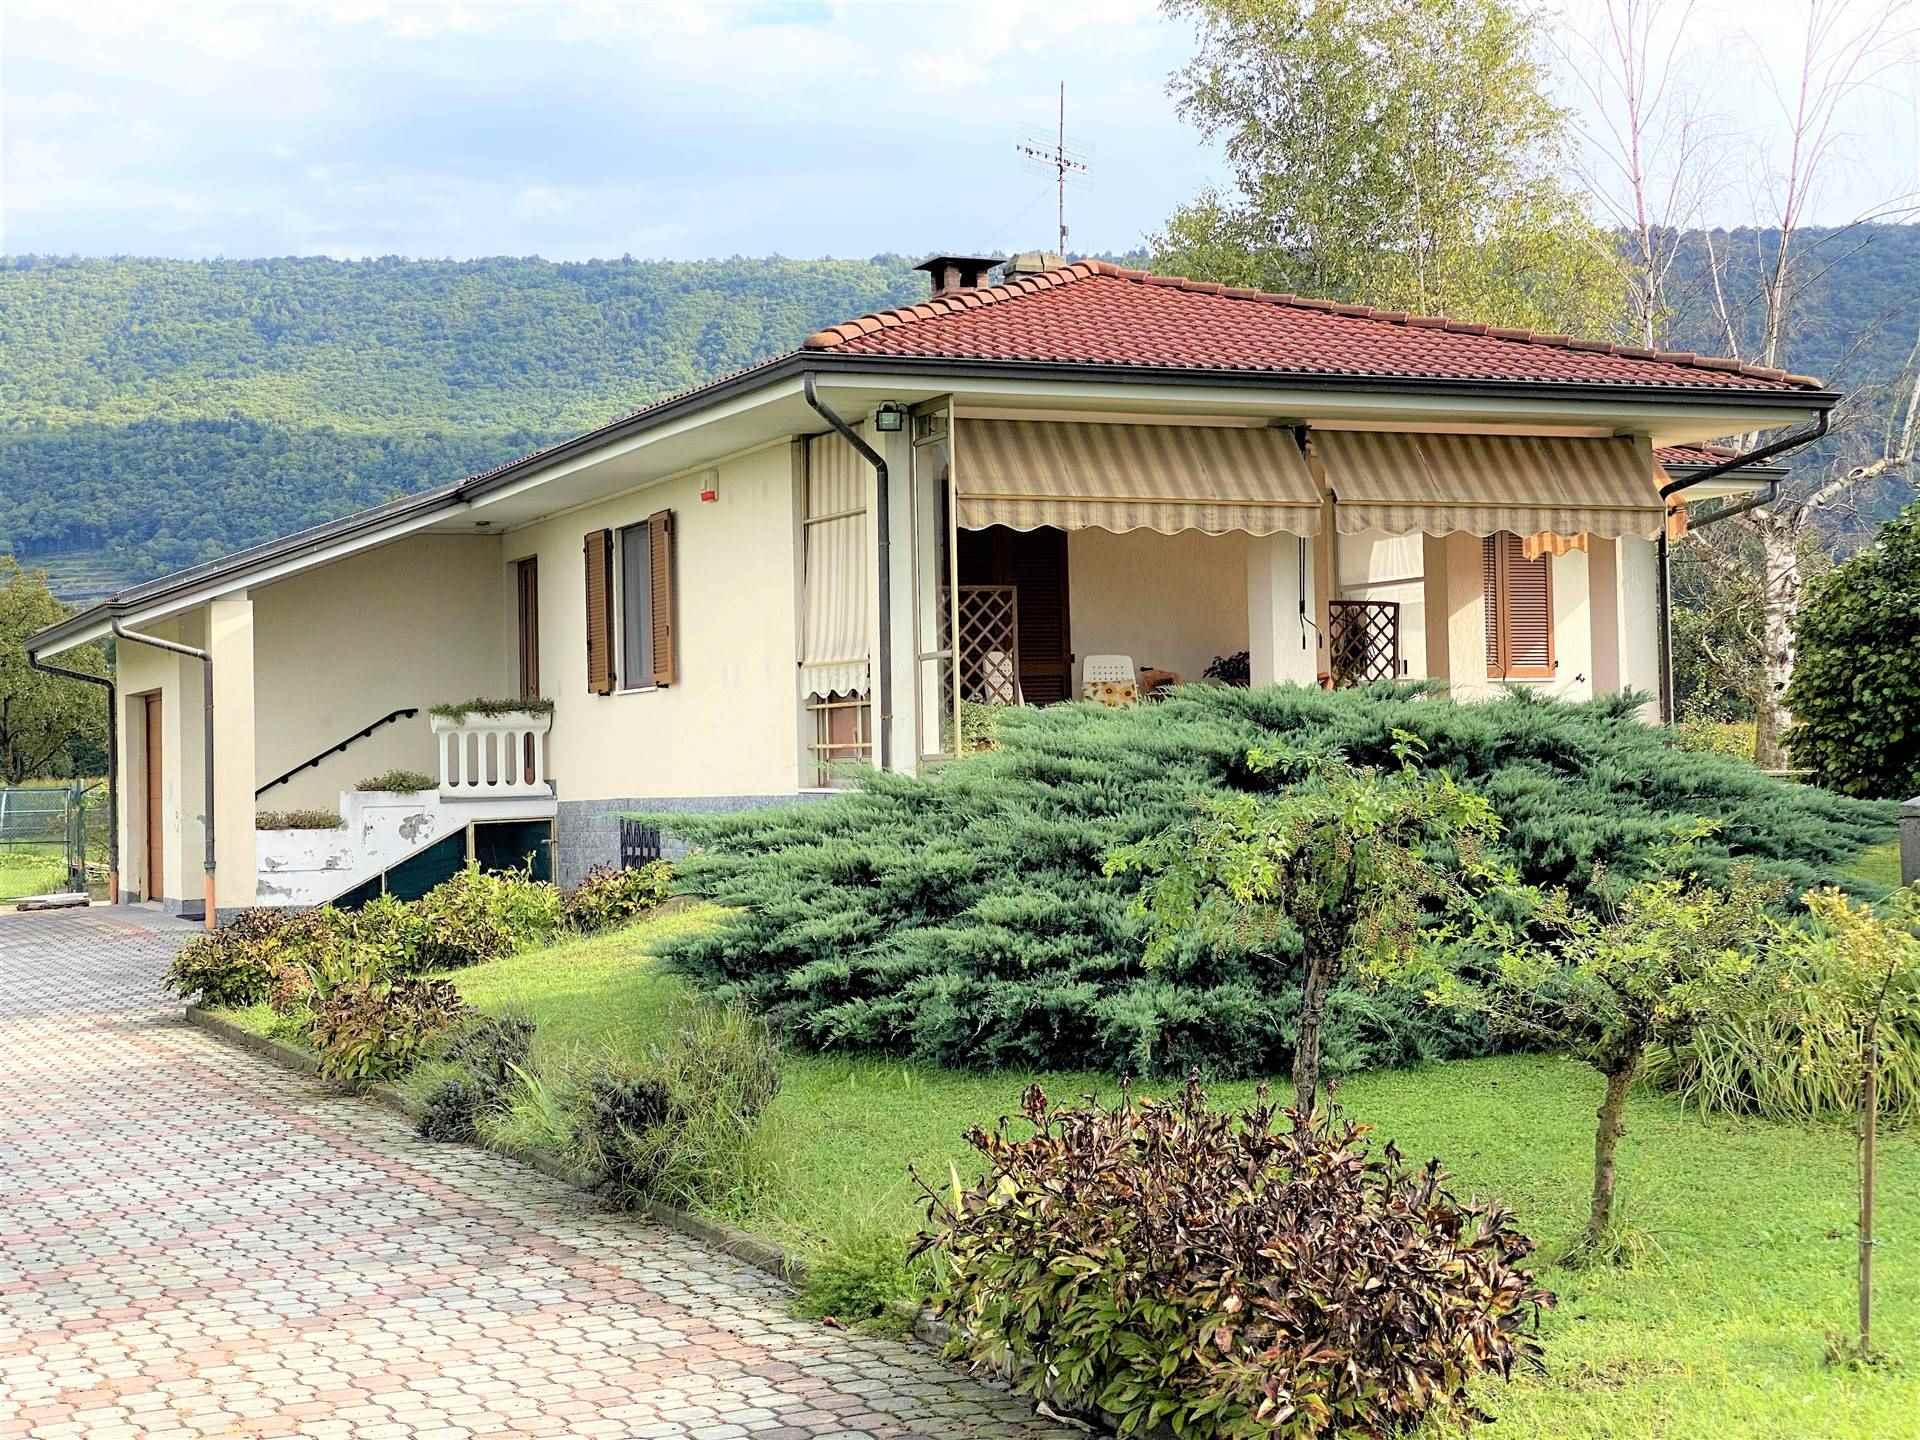 Villa in vendita a Burolo, 6 locali, prezzo € 240.000 | CambioCasa.it